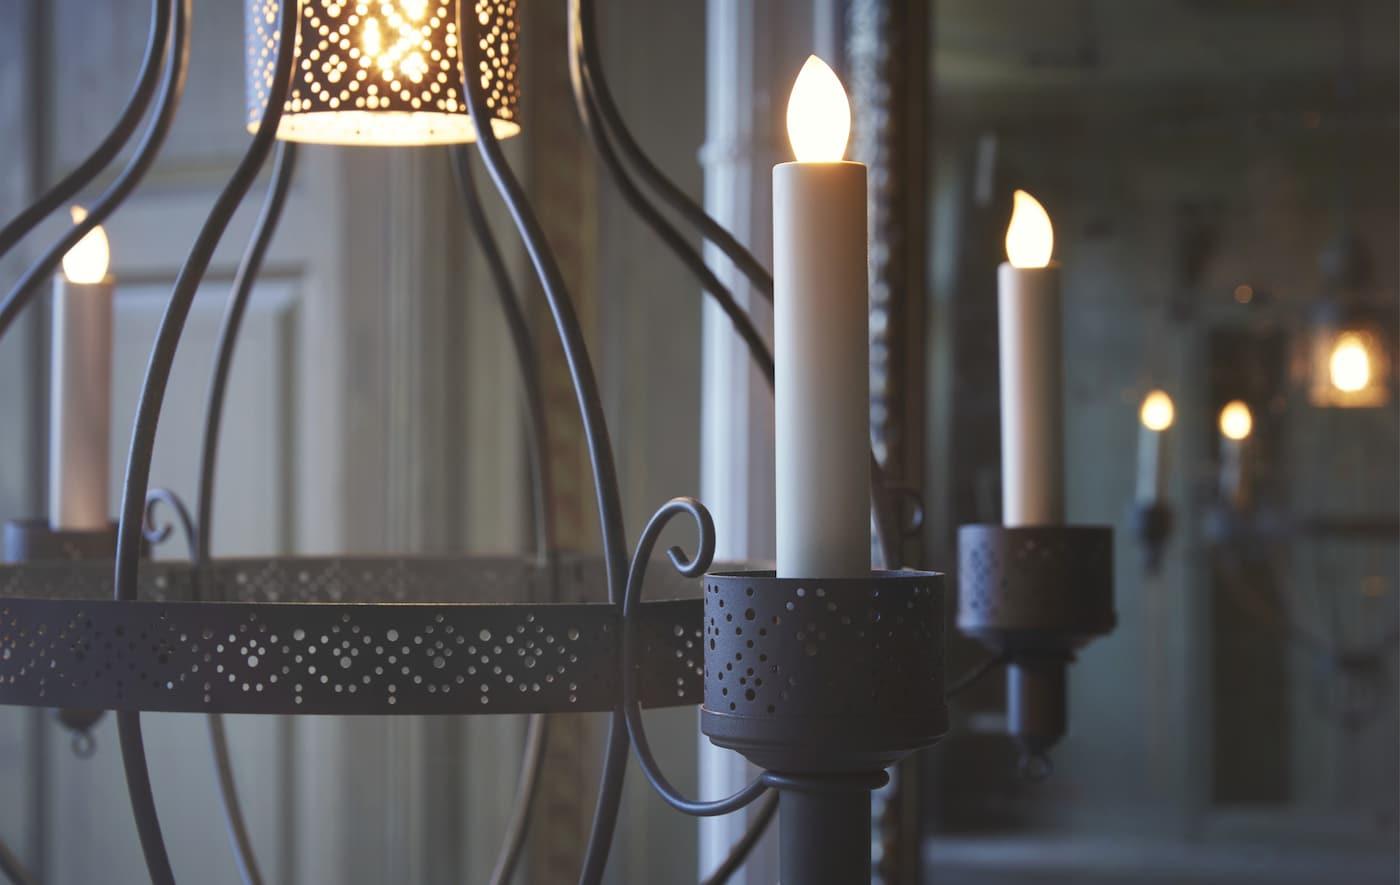 Lähikuva kattokruunusta led-kynttilöillä.